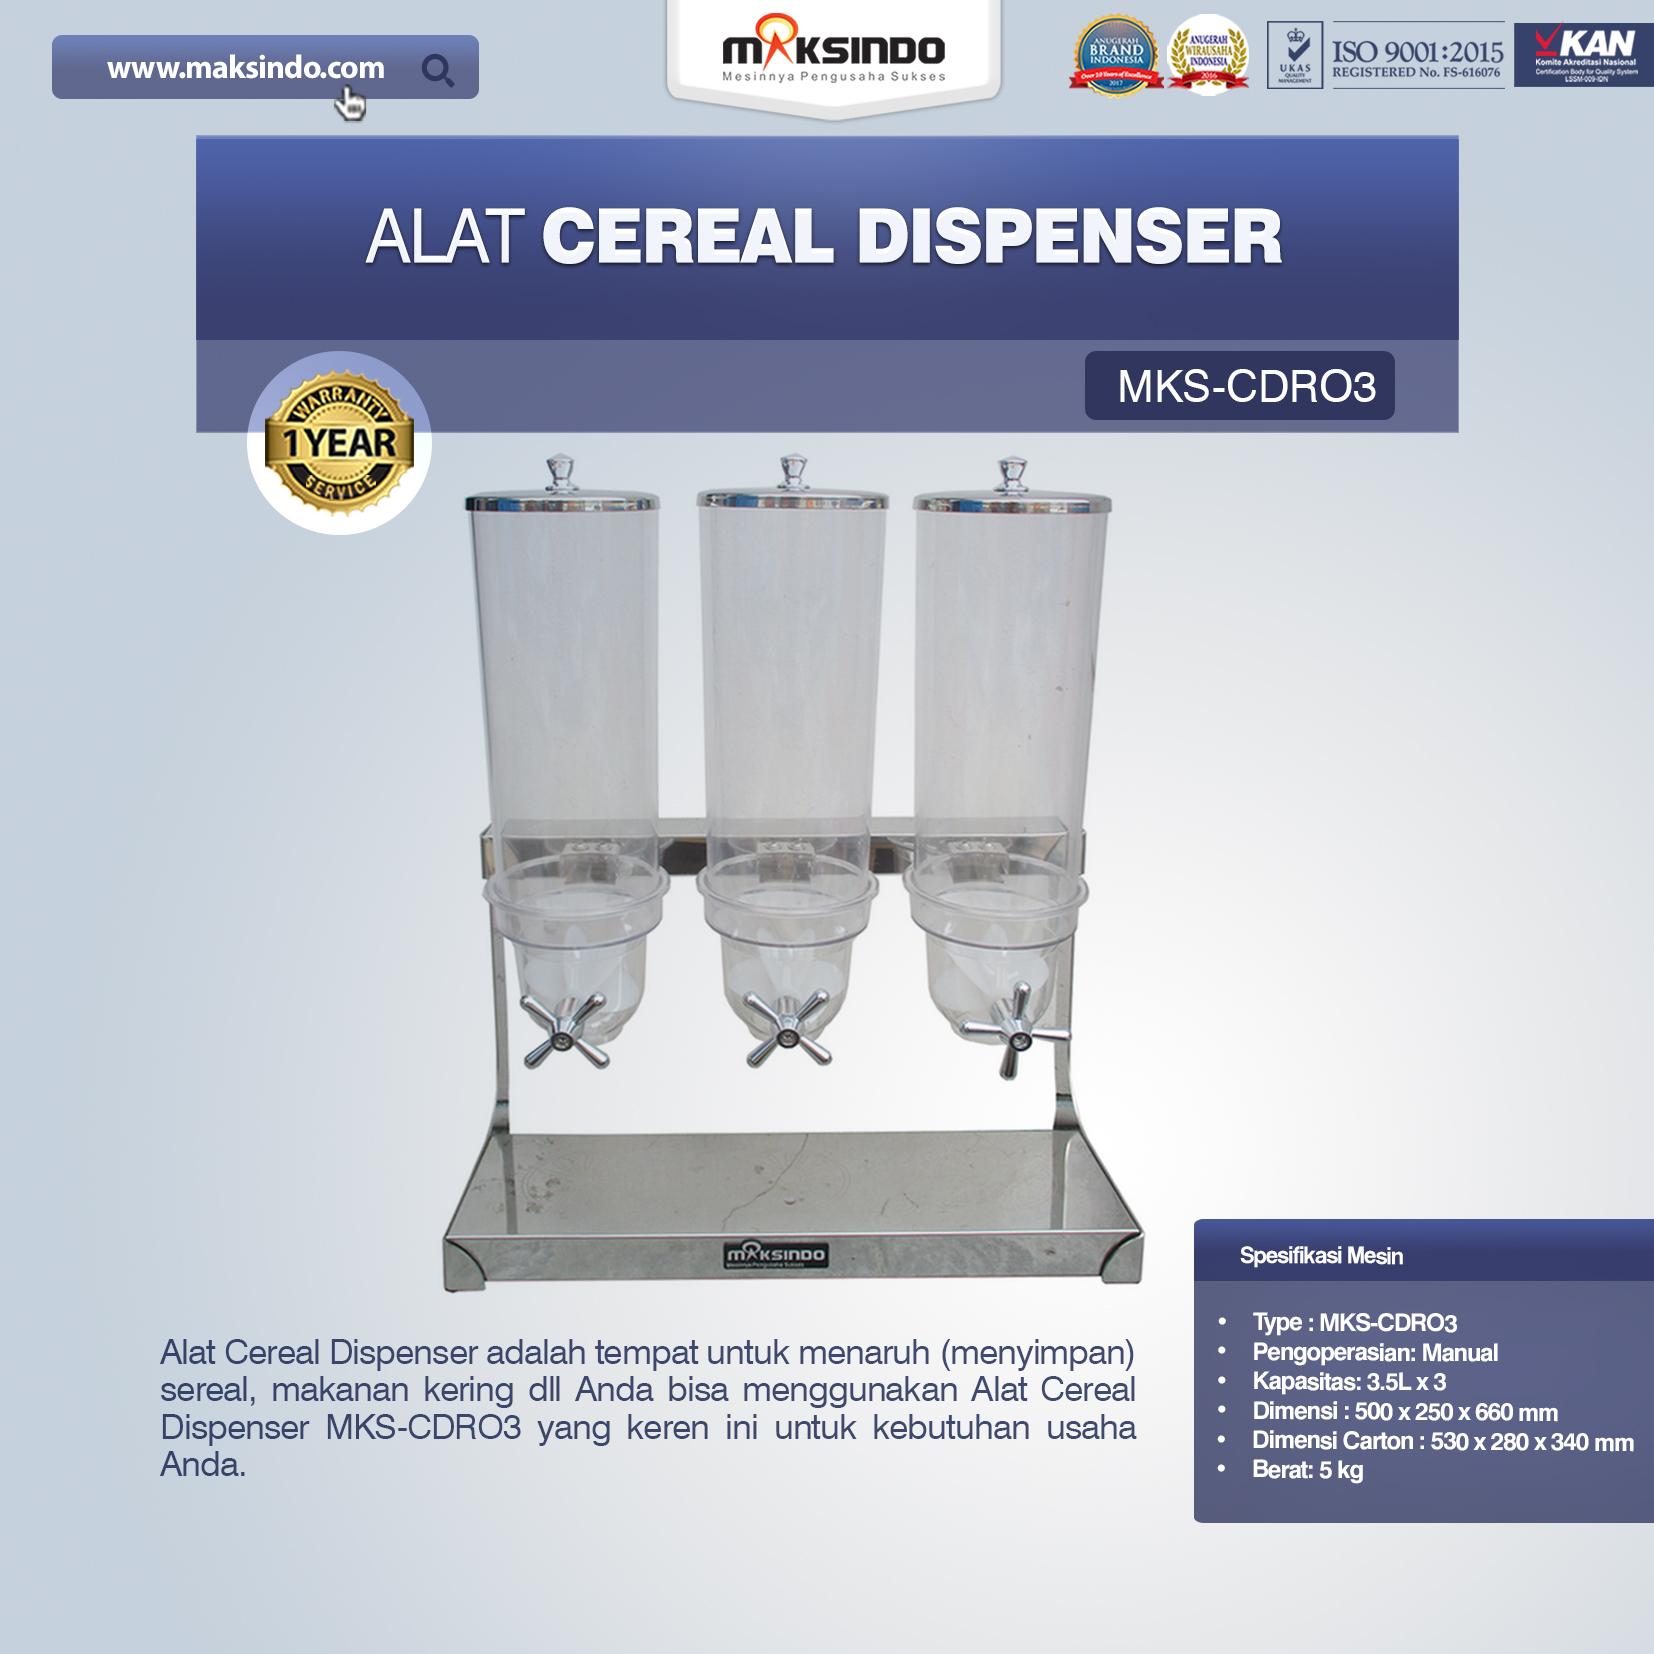 Jual Alat Cereal Dispenser MKS-CDR03 di Bogor